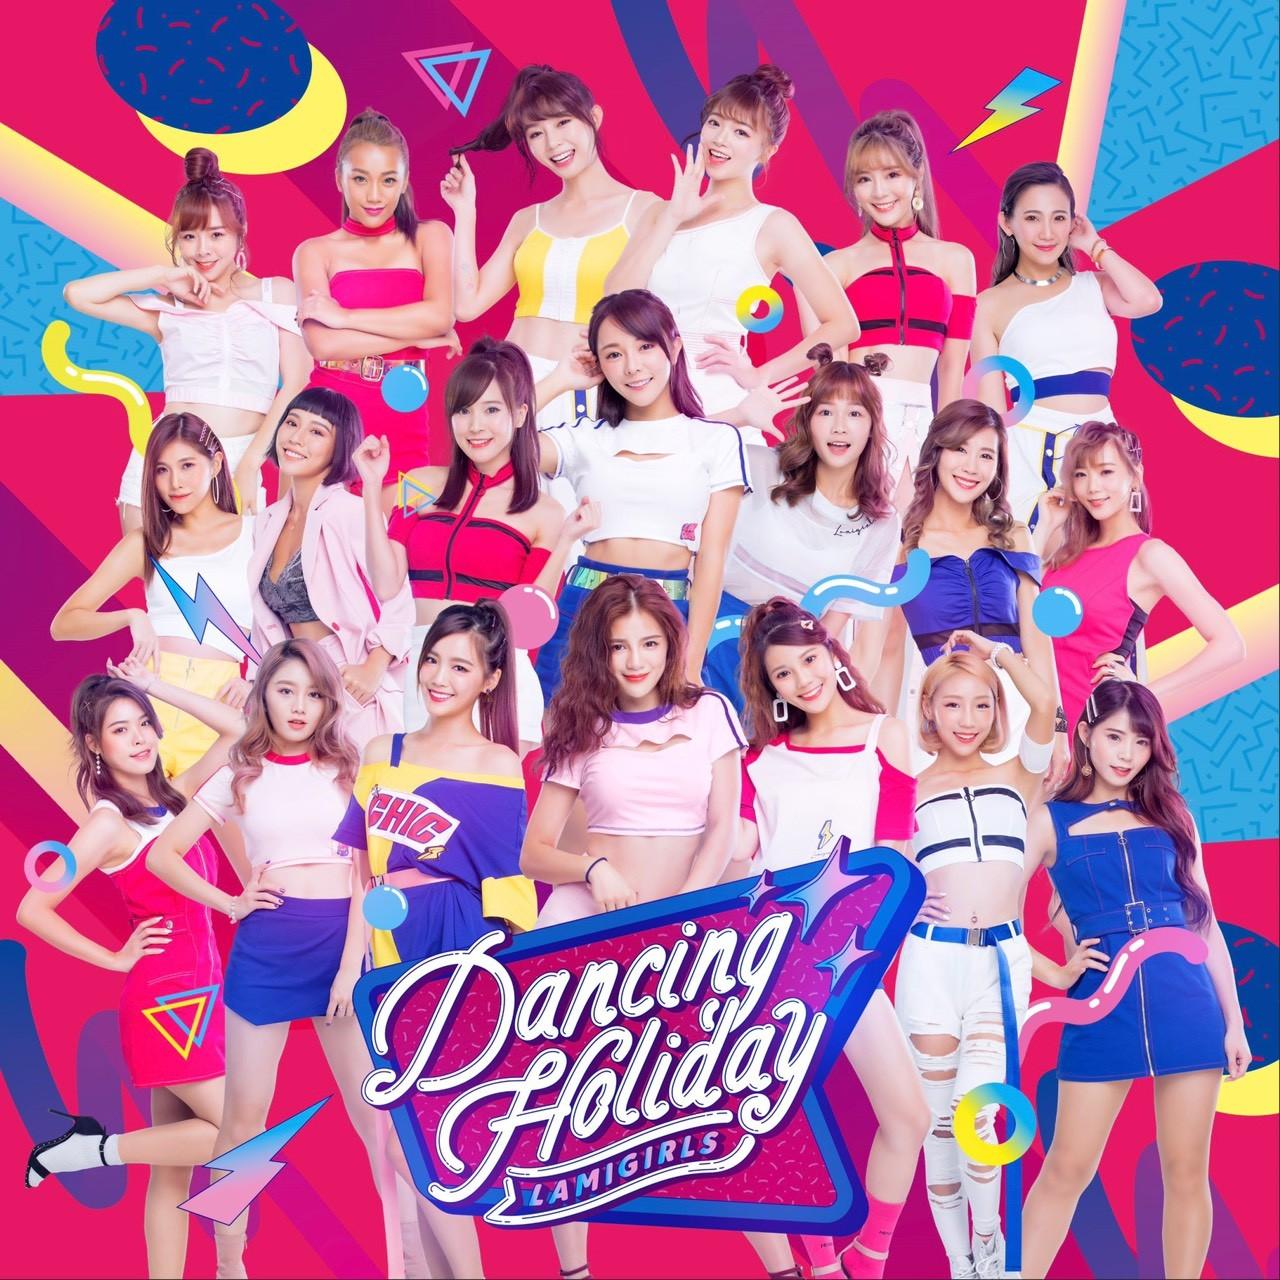 中職Lamigo桃猿   LamiGirls全新EP「Dancing Holiday」全面上架